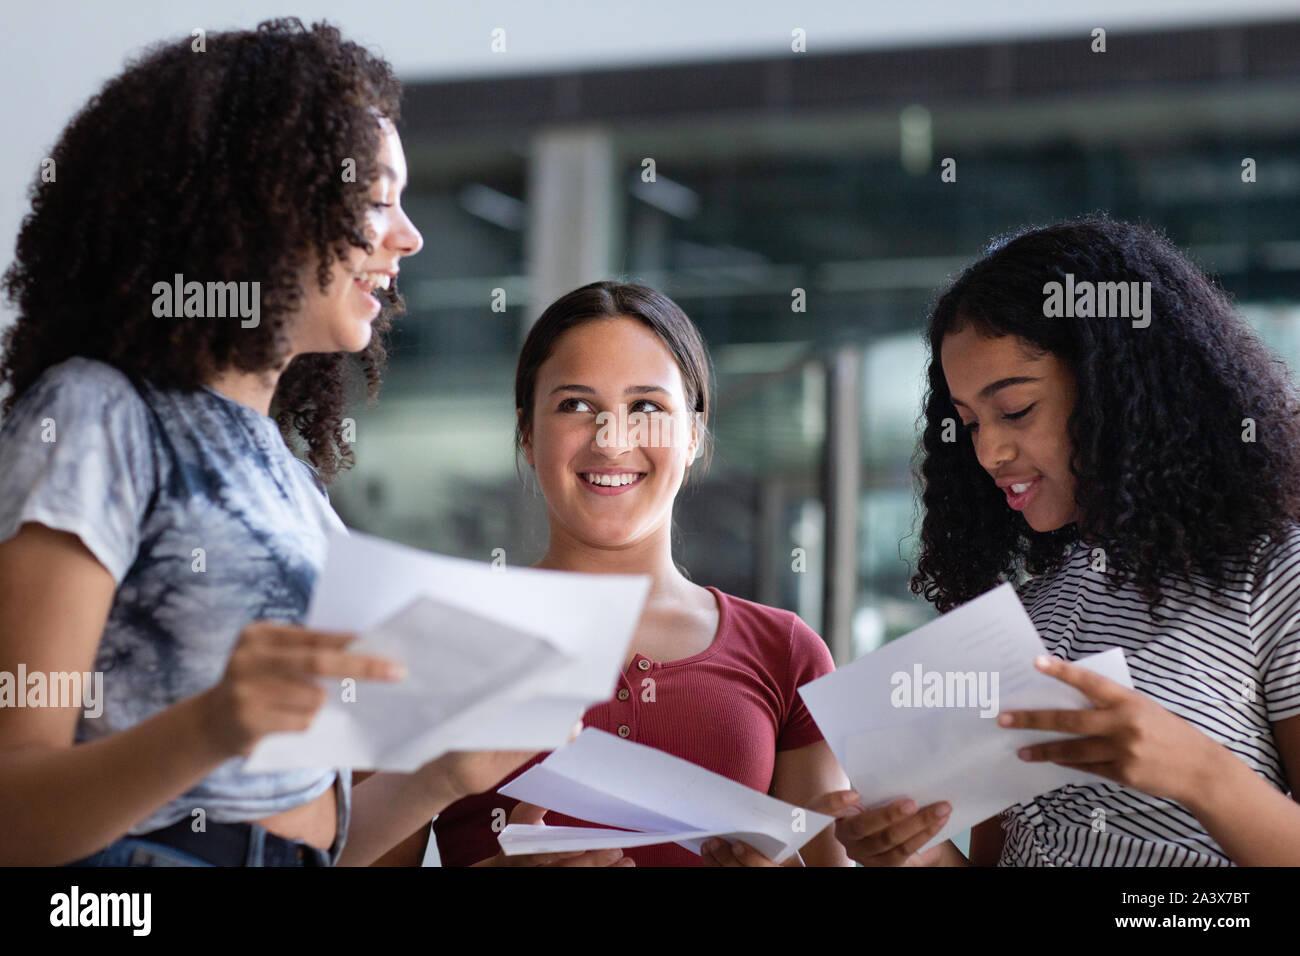 Estudiantes de la escuela secundaria femenina abriendo sus resultados del examen Foto de stock